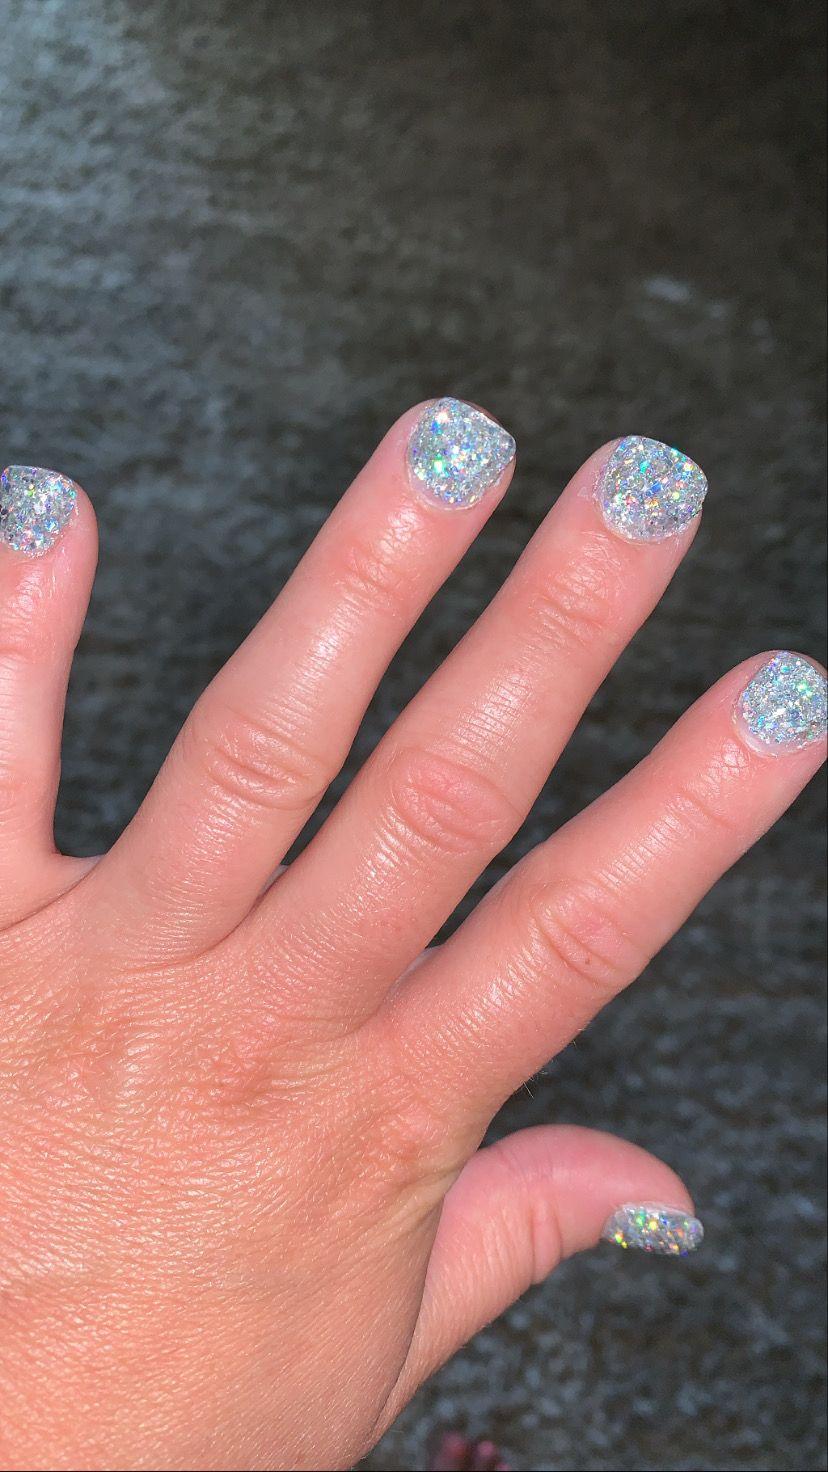 #dippowdernails #gelnails #glitternails